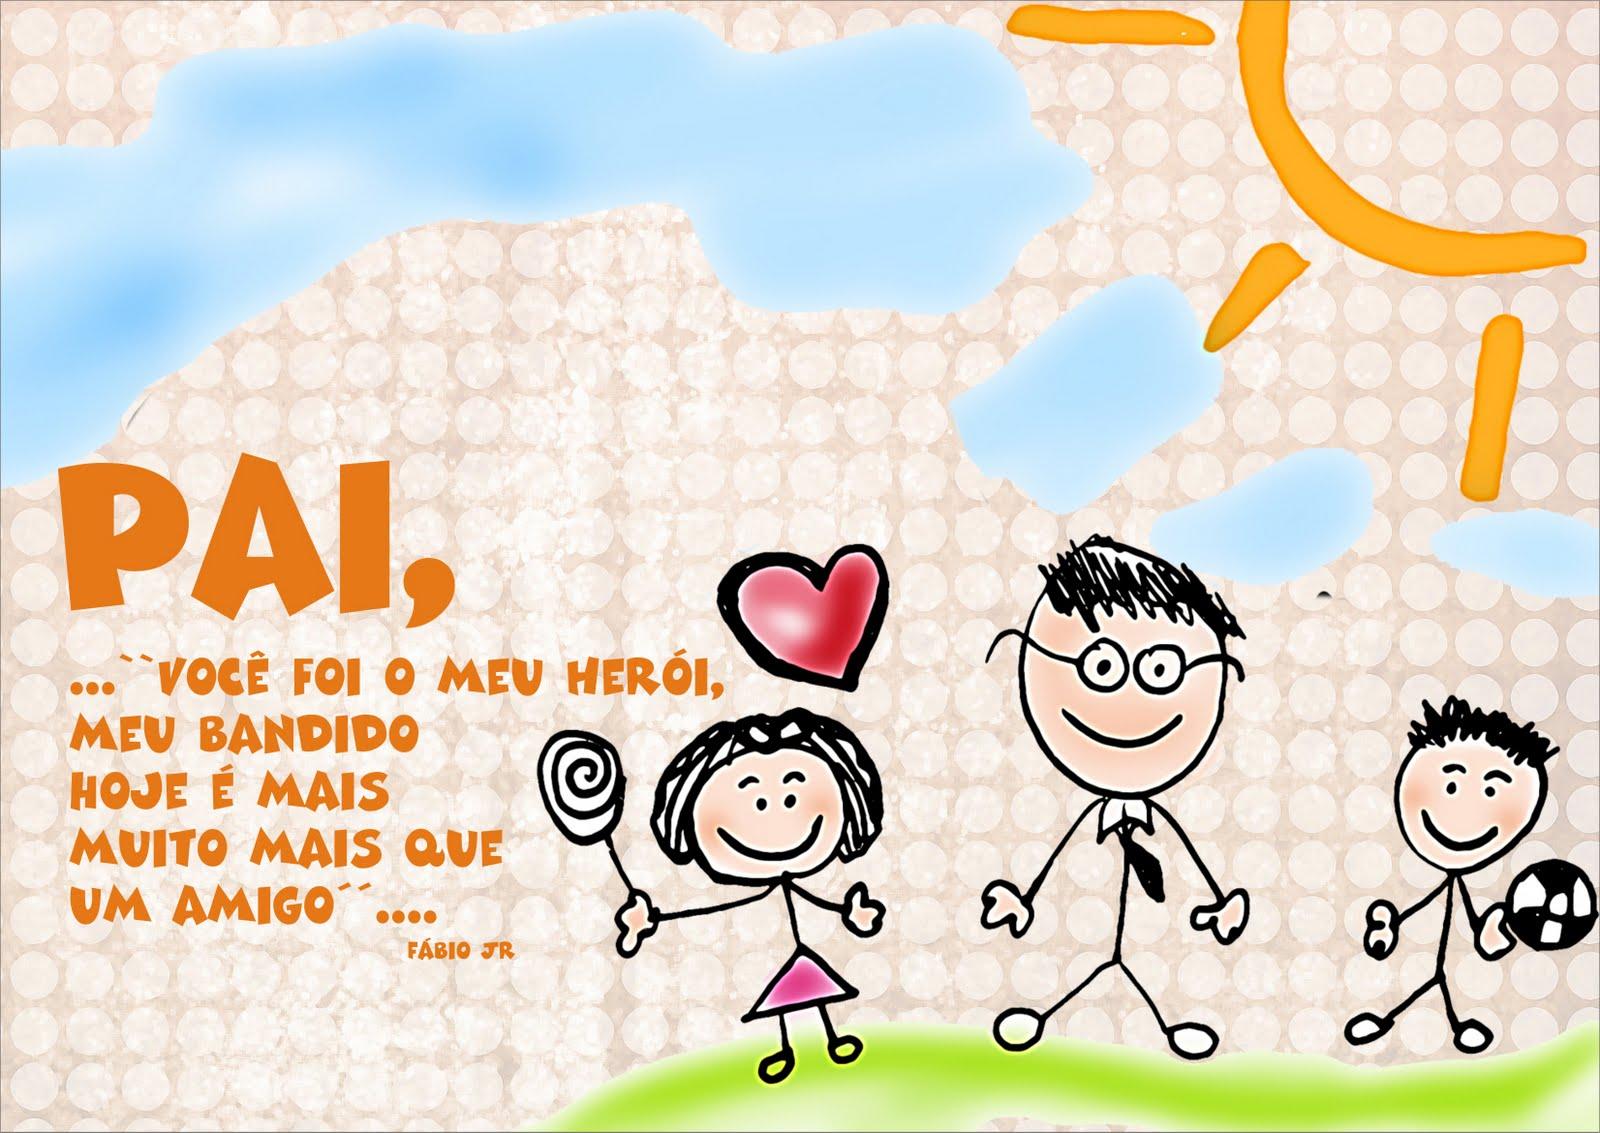 Lindas Imagens E Frases Para O Dia Dos Pais: Frases Para O Dia Dos Pais